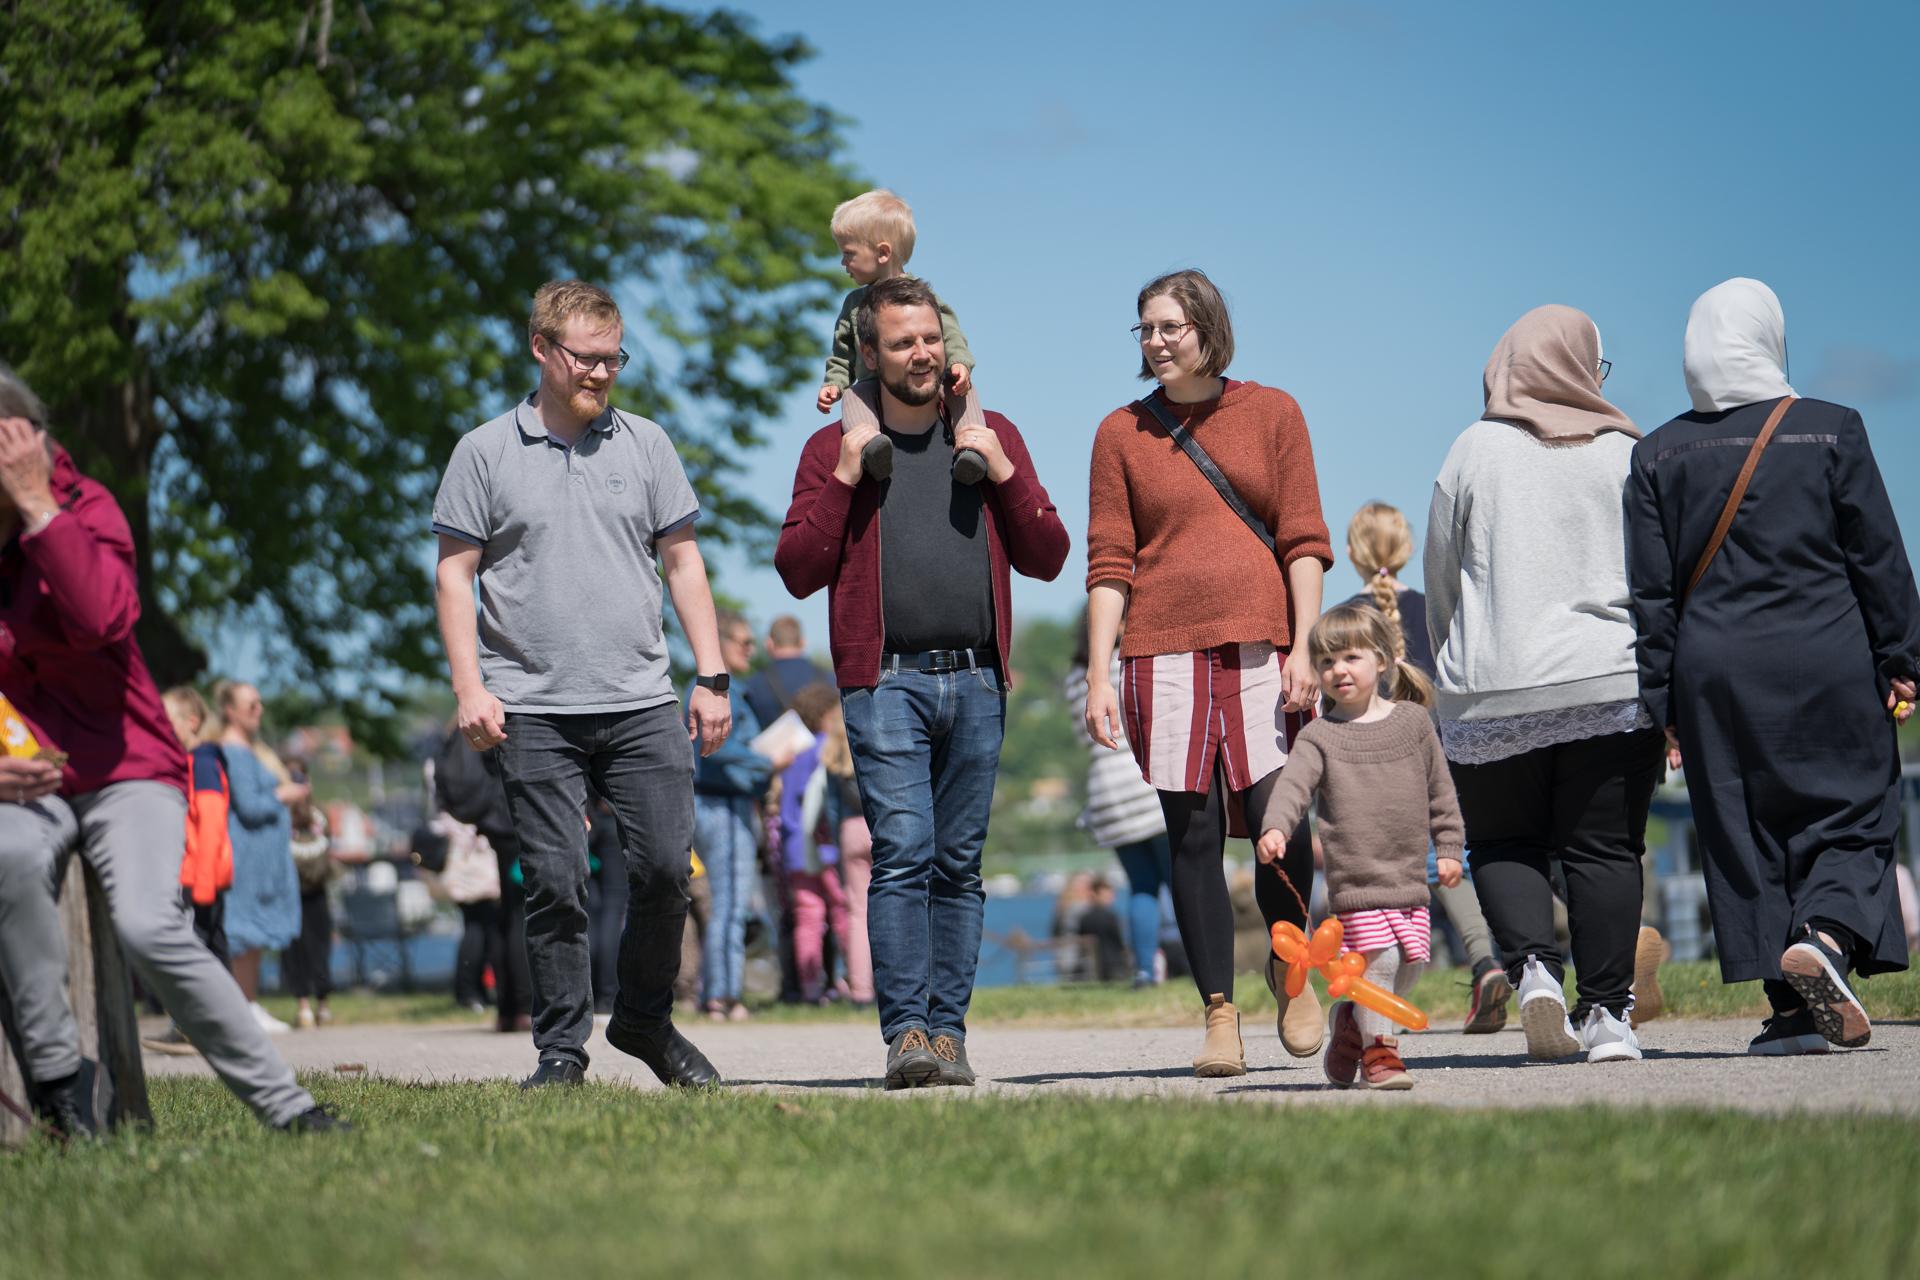 Sløngeldage lørdag - web - Fotograf Per Bille-20190525-04575.jpg